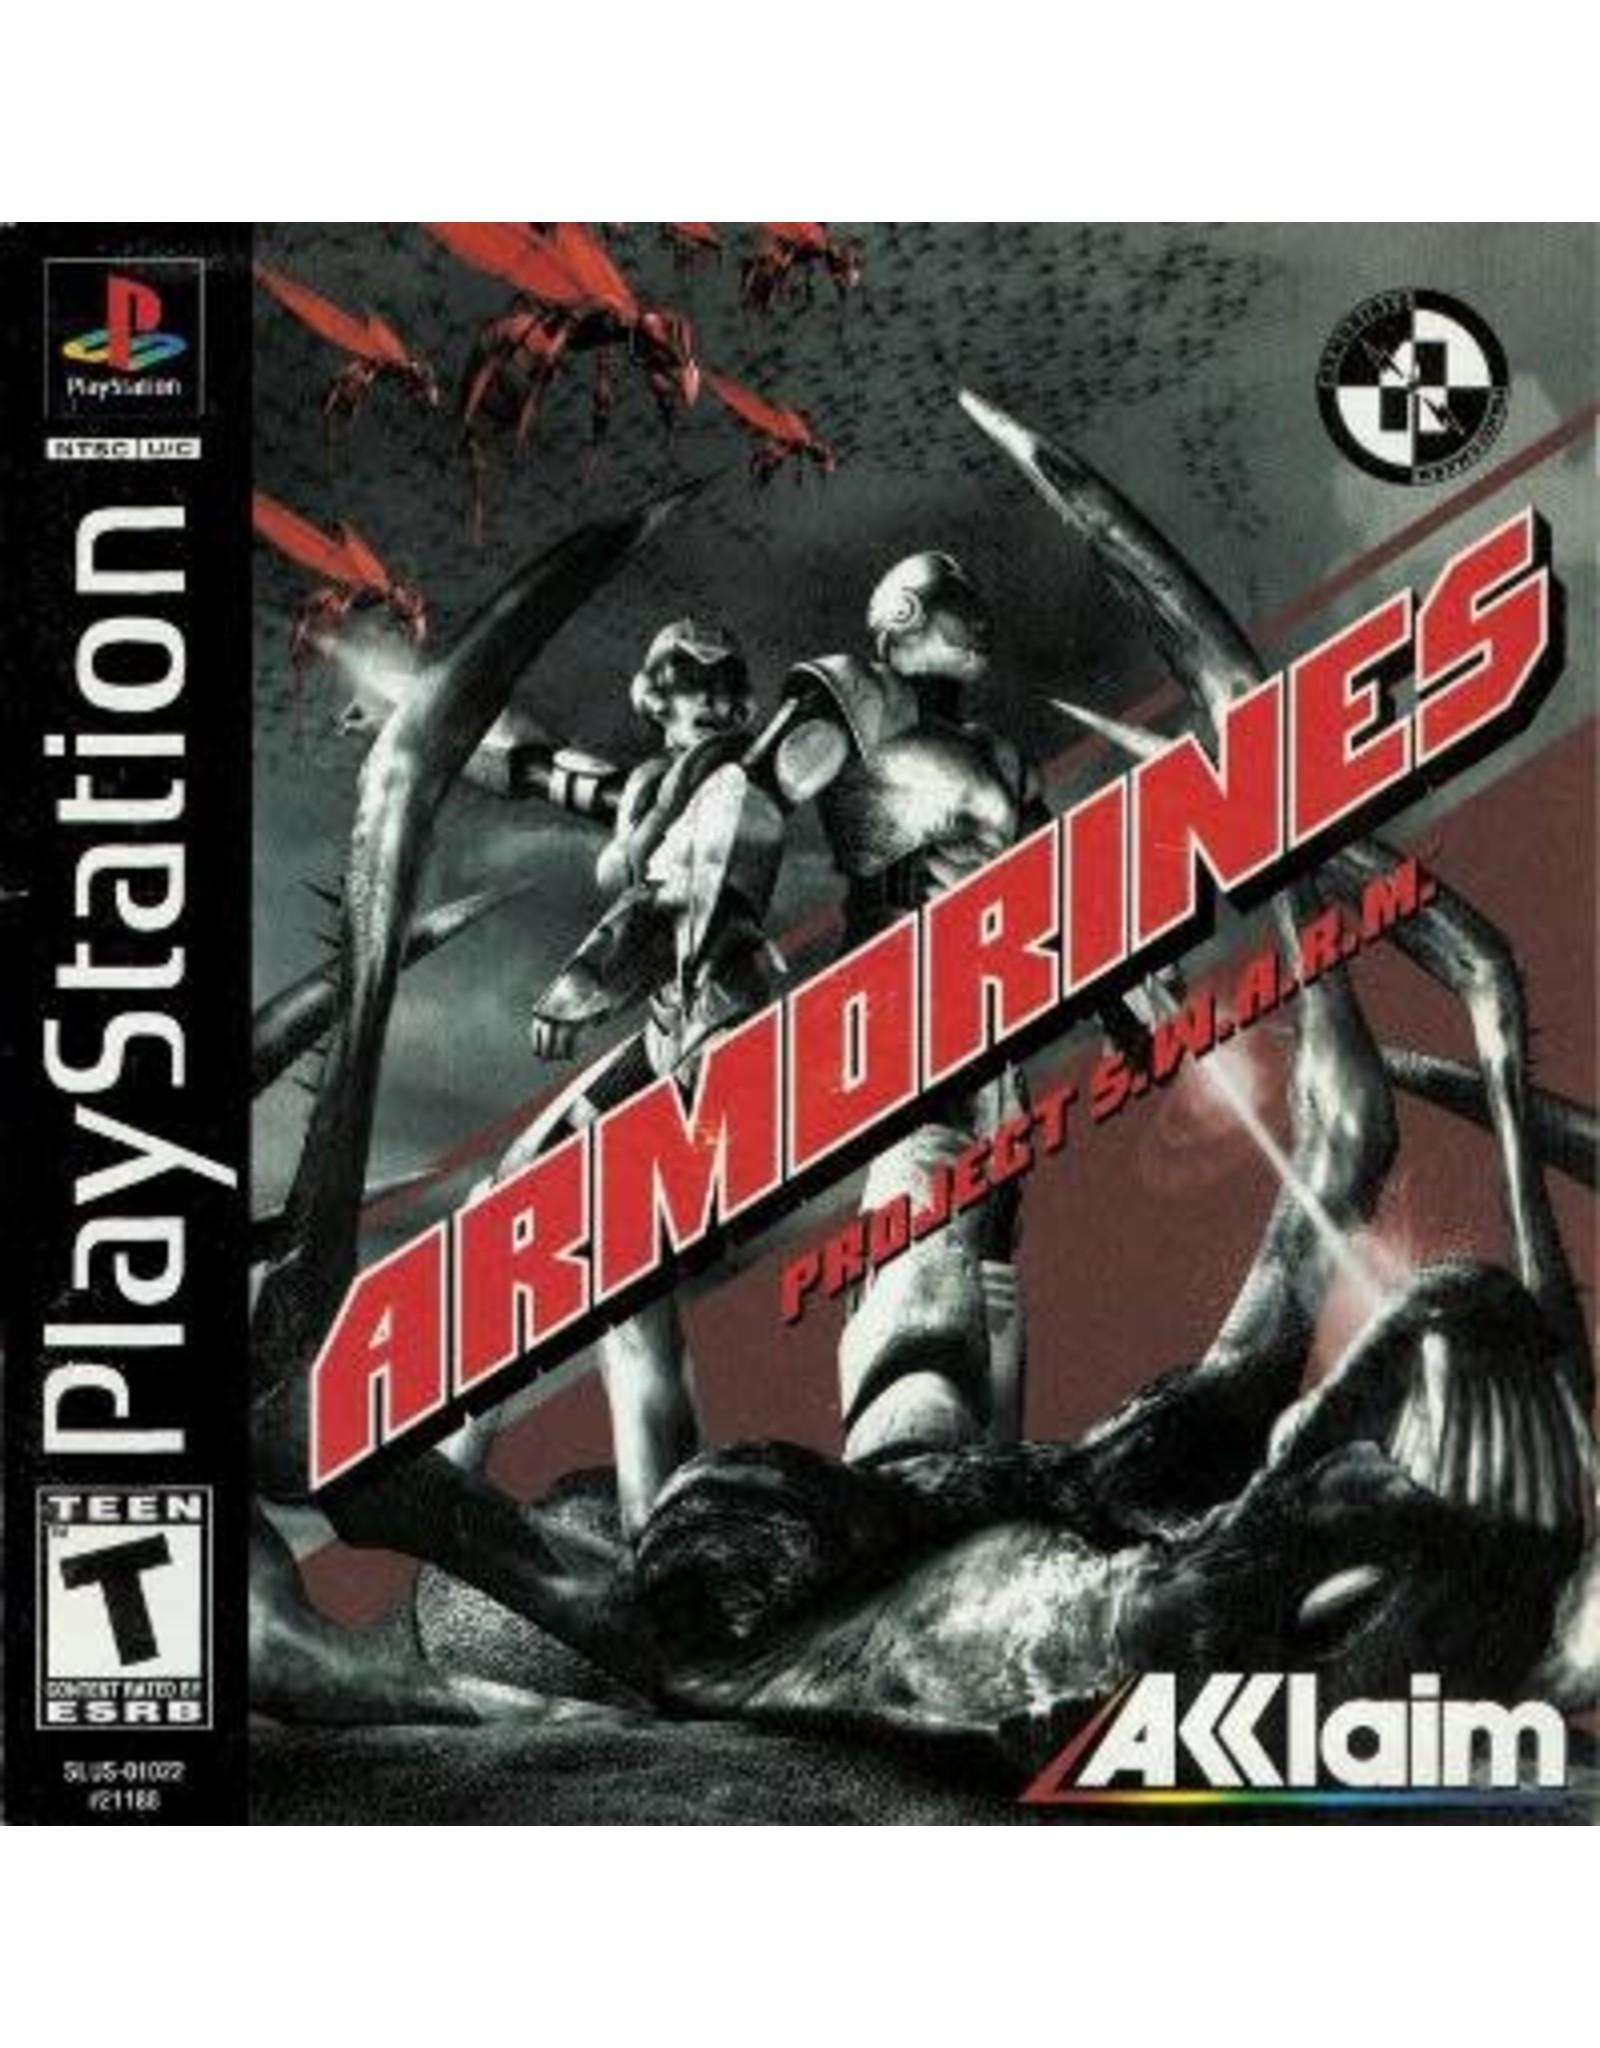 Playstation Armorines Project SWARM (CiB)